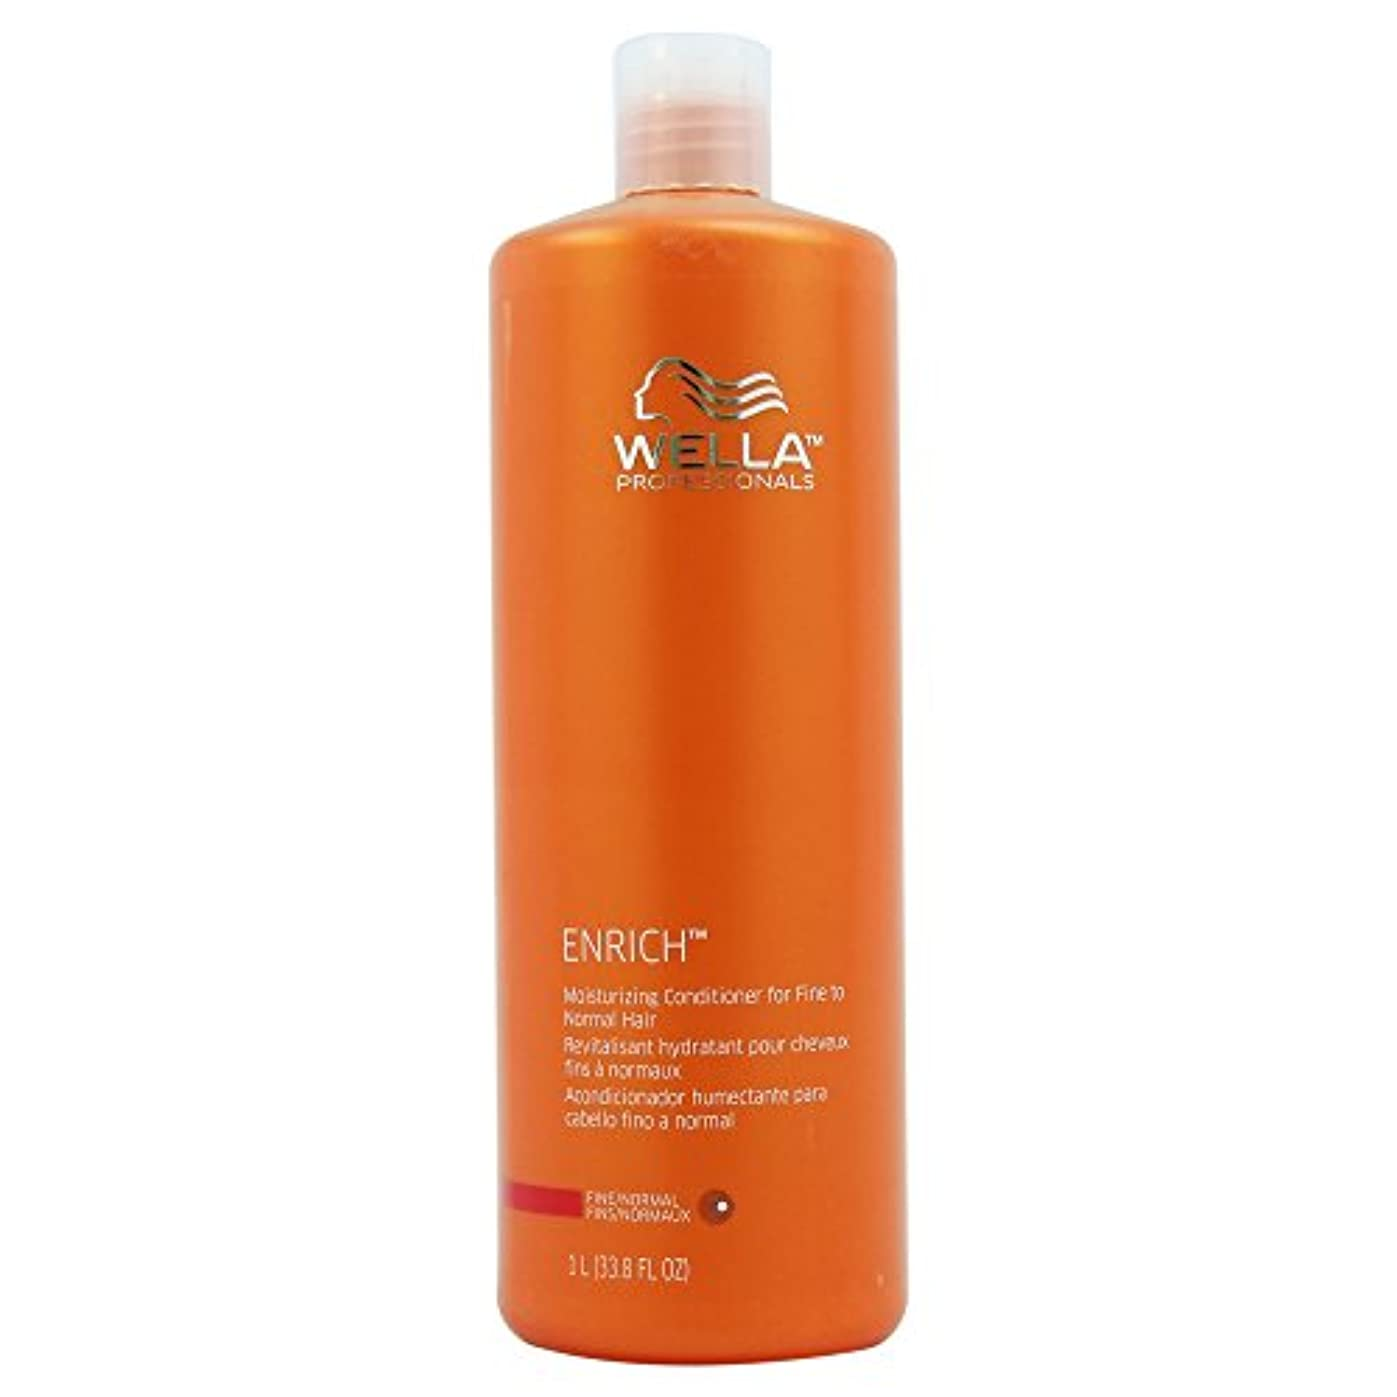 モノグラフ原理満了Wella Enriched Moisturizing Conditioner for Fine To Normal Hair for Unisex, 33.8 Ounce by Wella